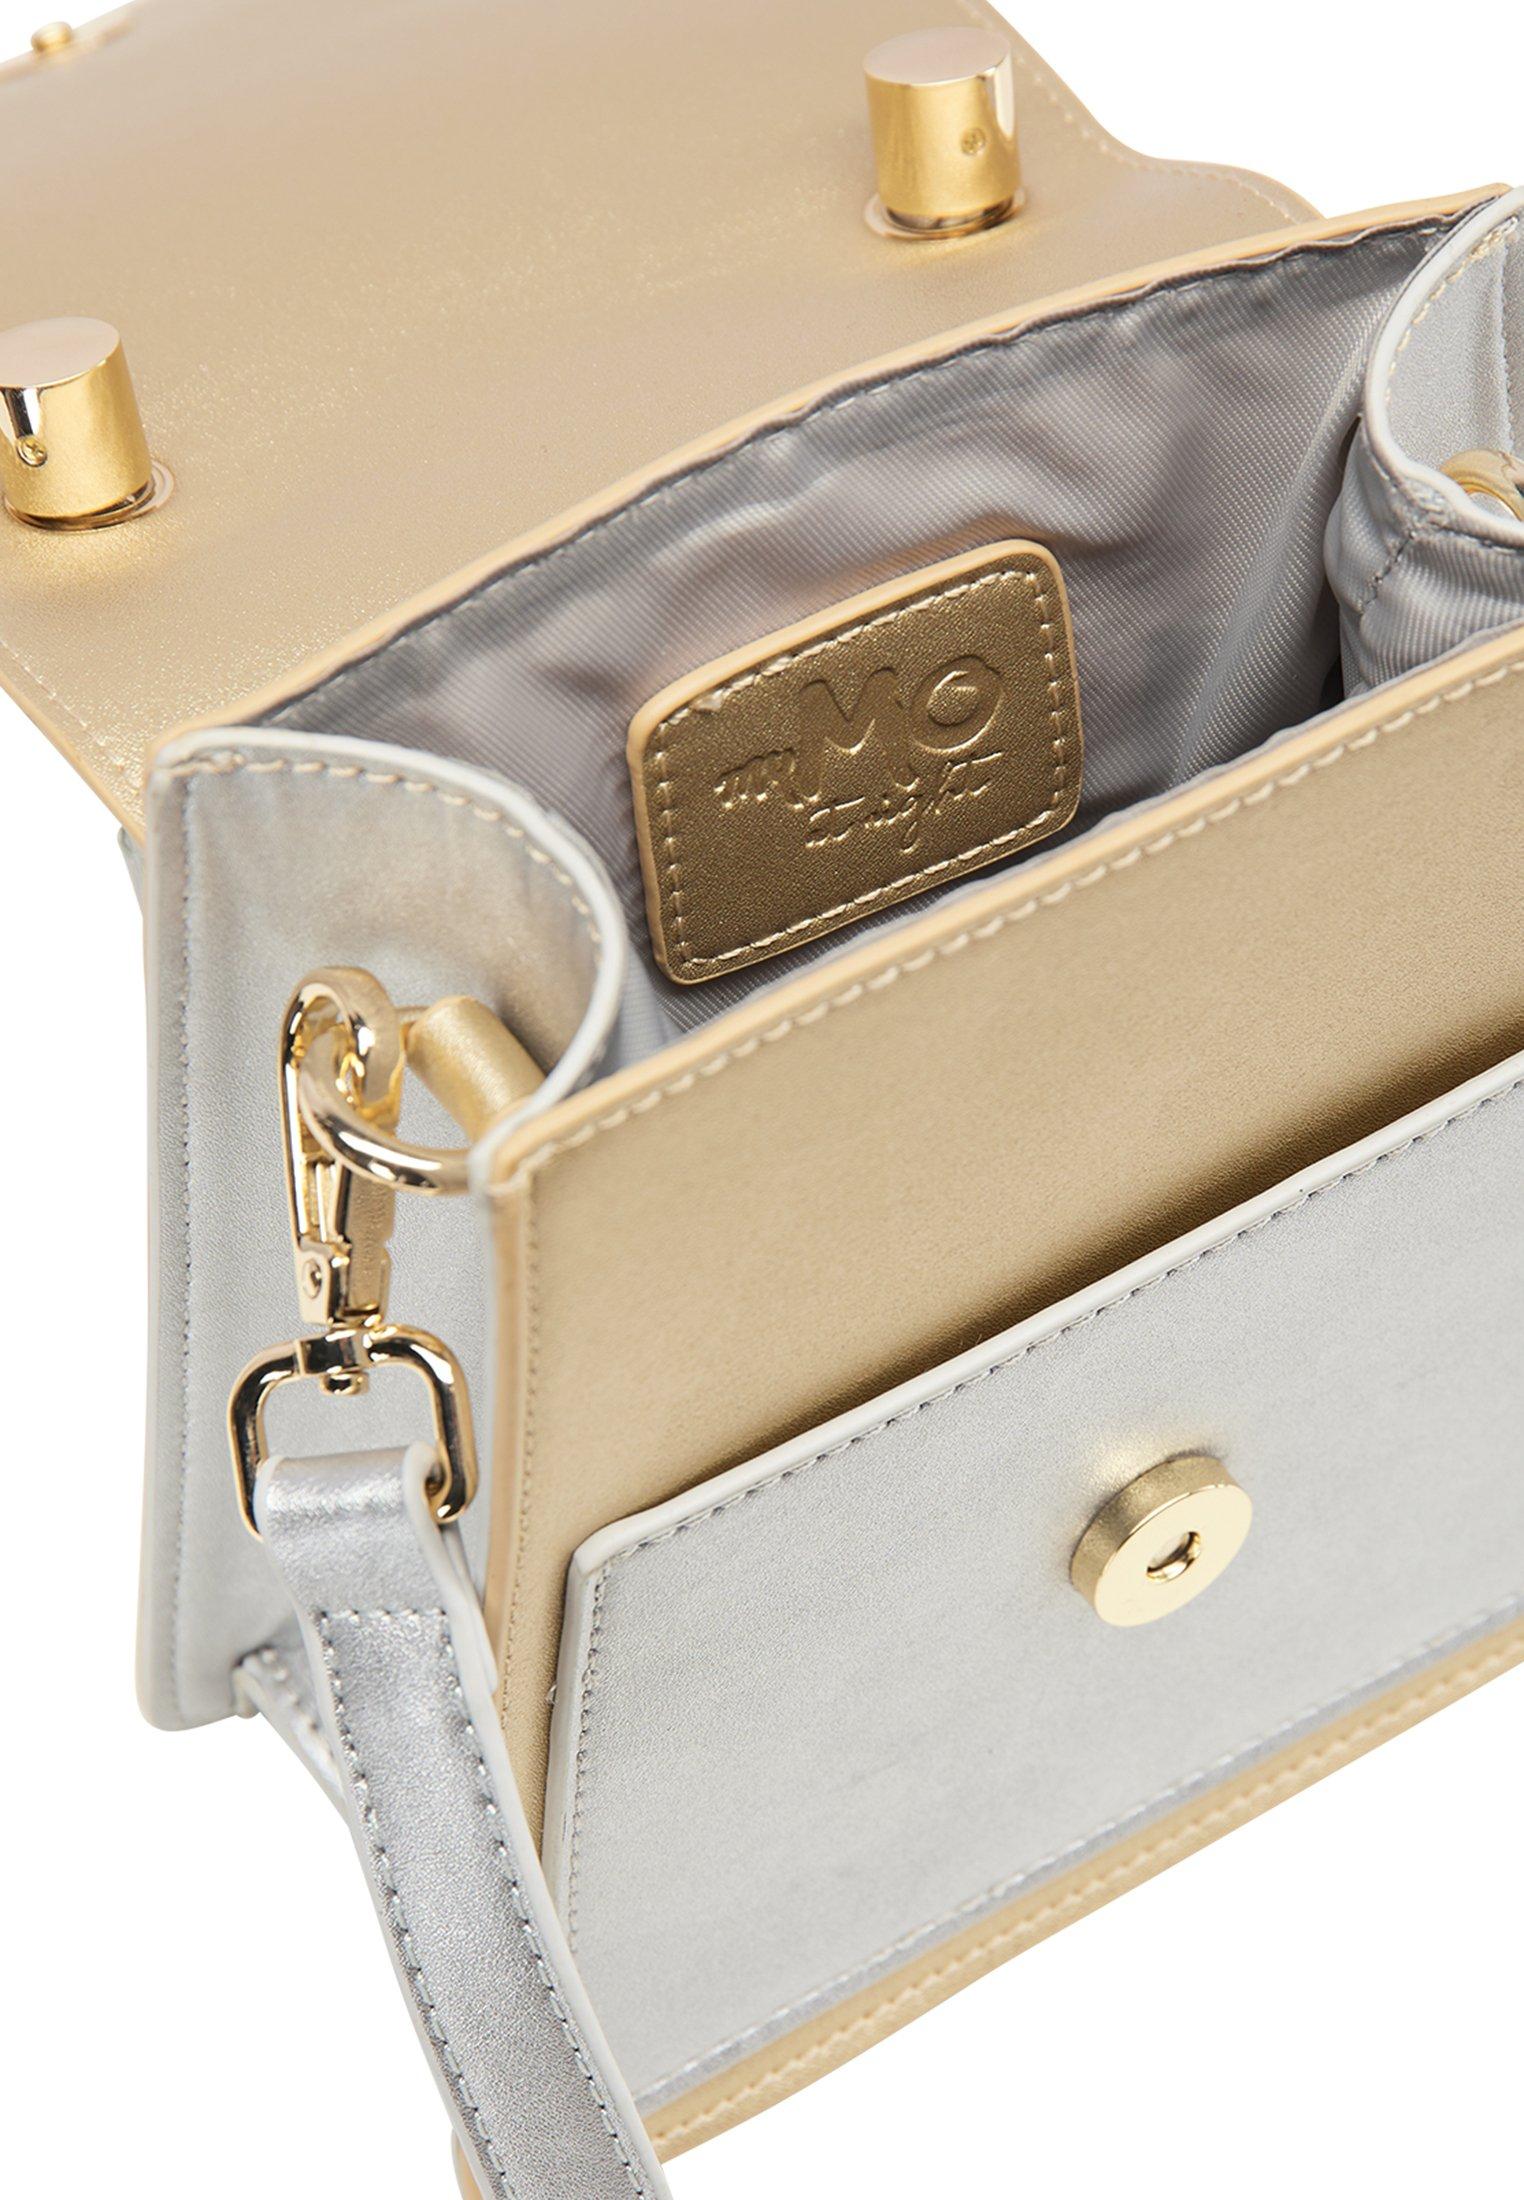 myMo Borsa a tracolla - gold metallic